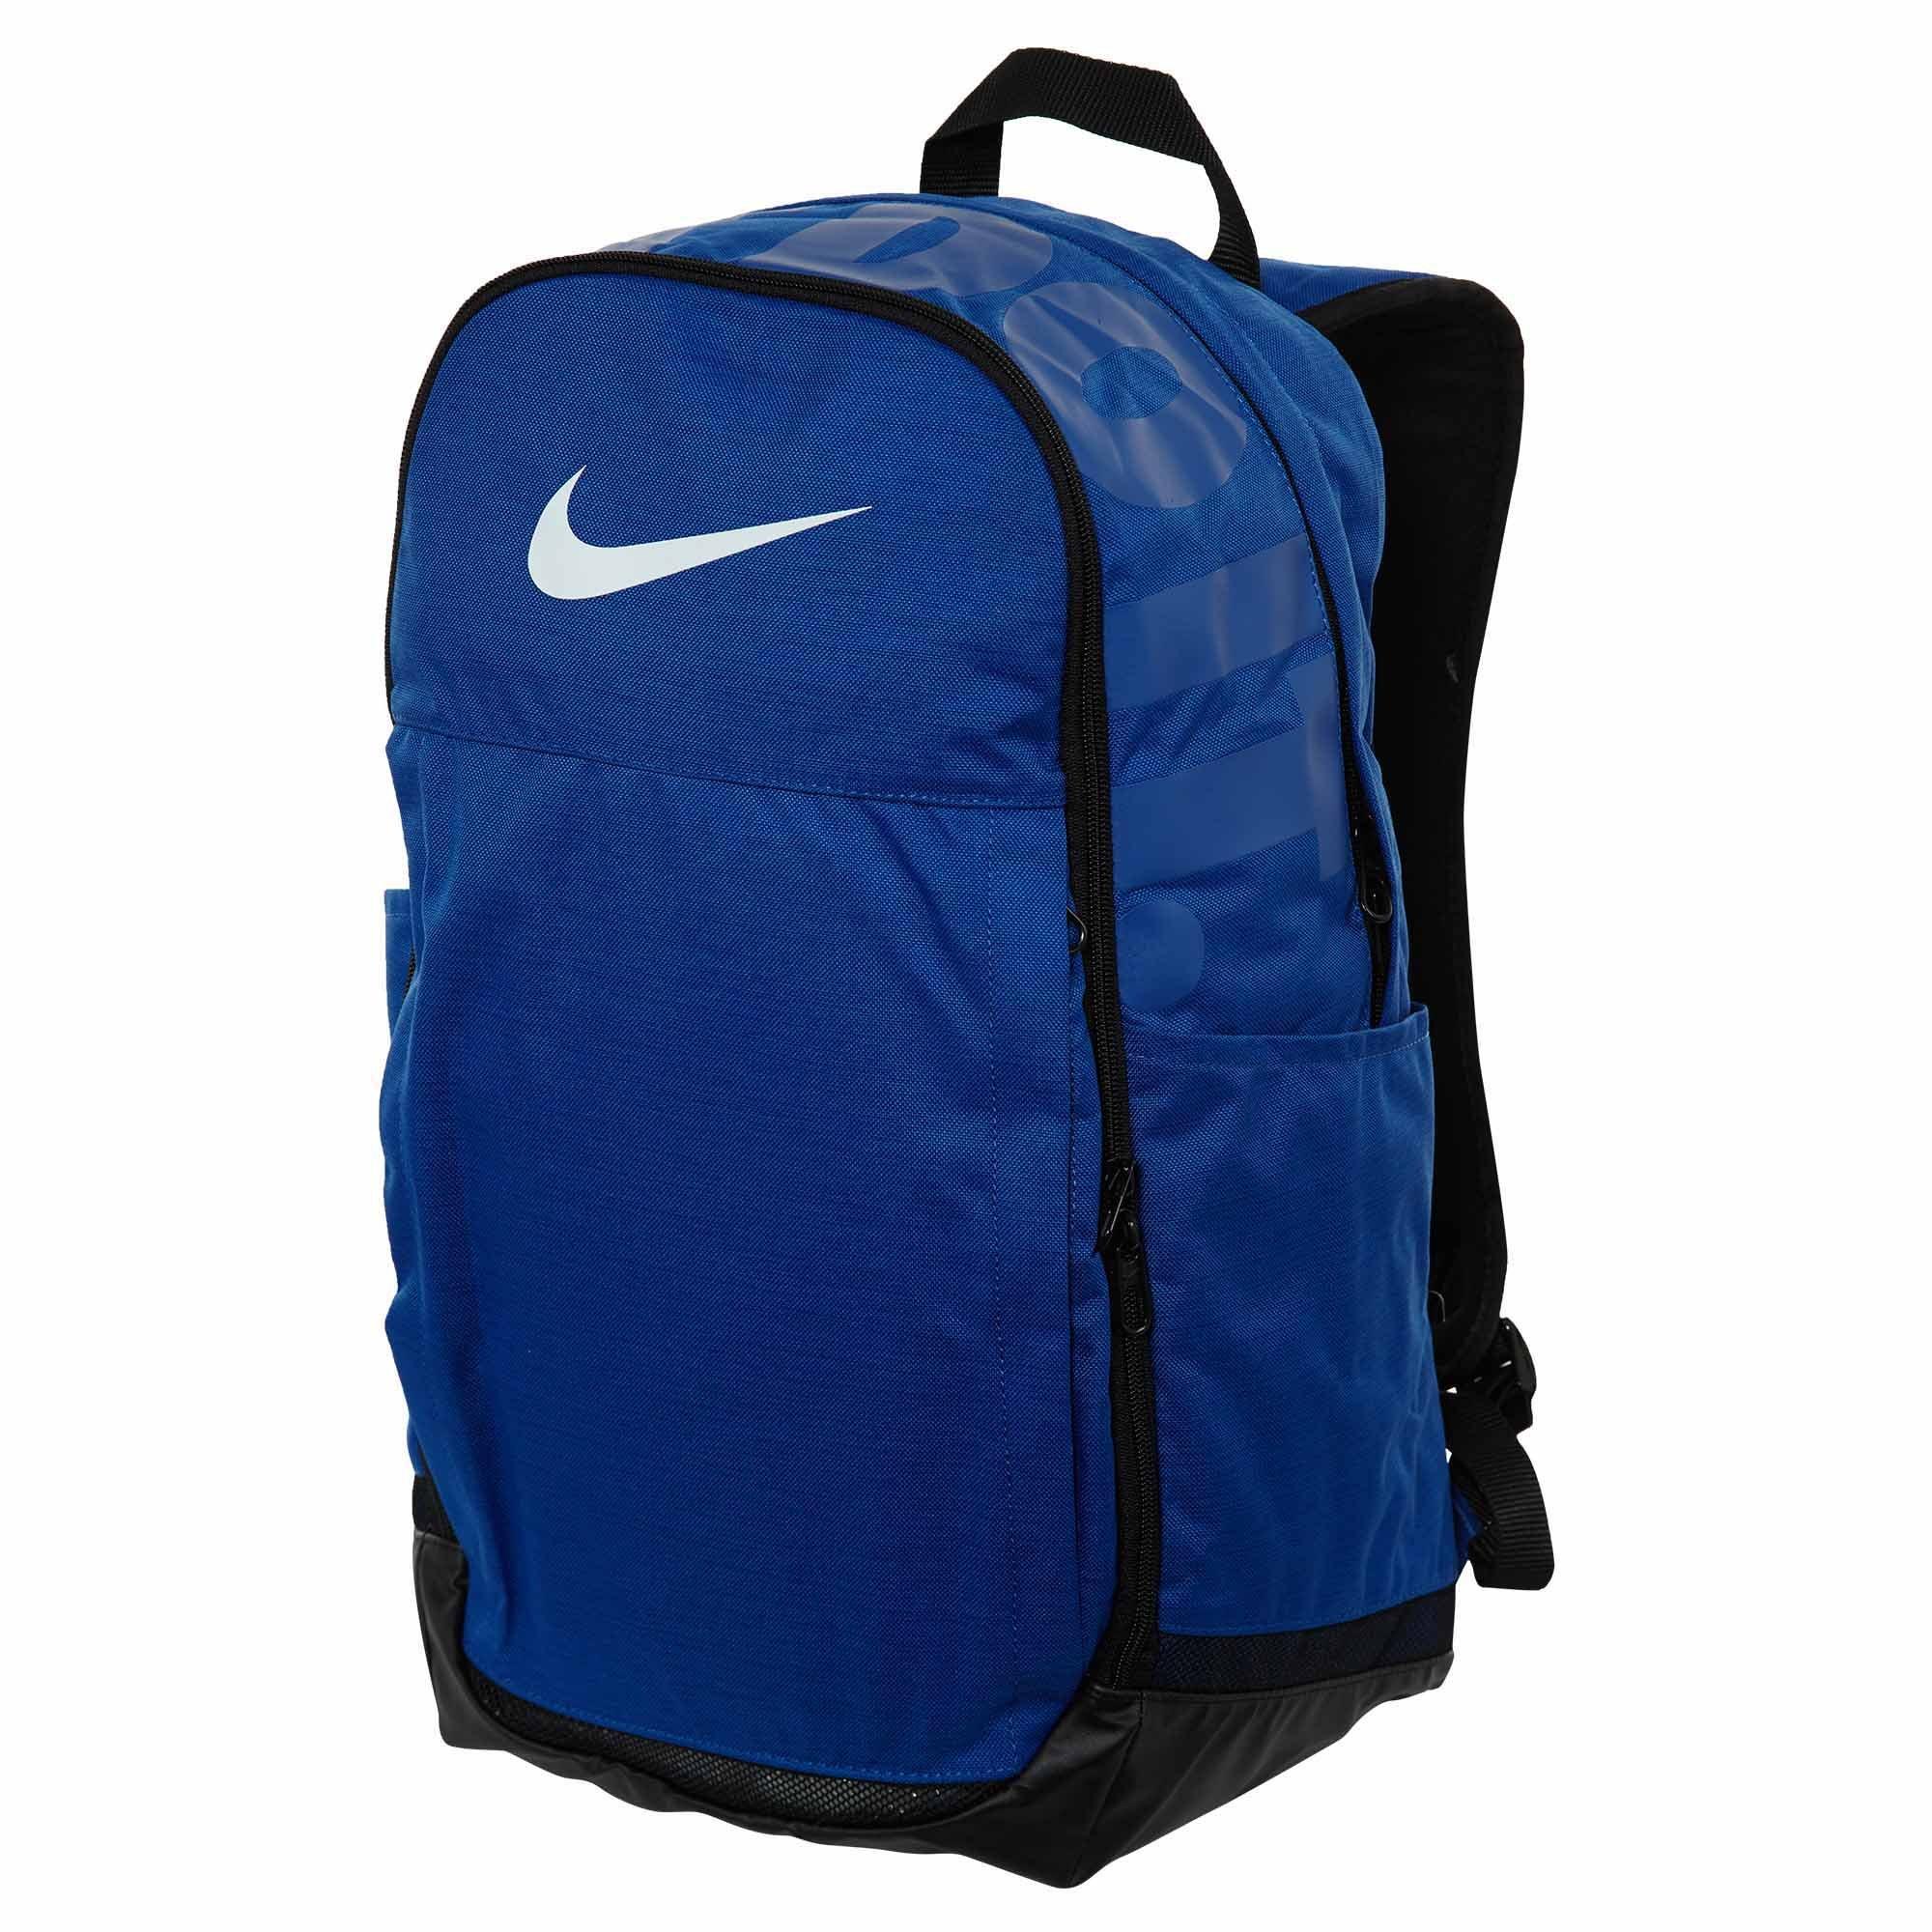 f80147f23010 Galleon - Nike Brasilia (Extra-Large) Blue Black Training Backpack